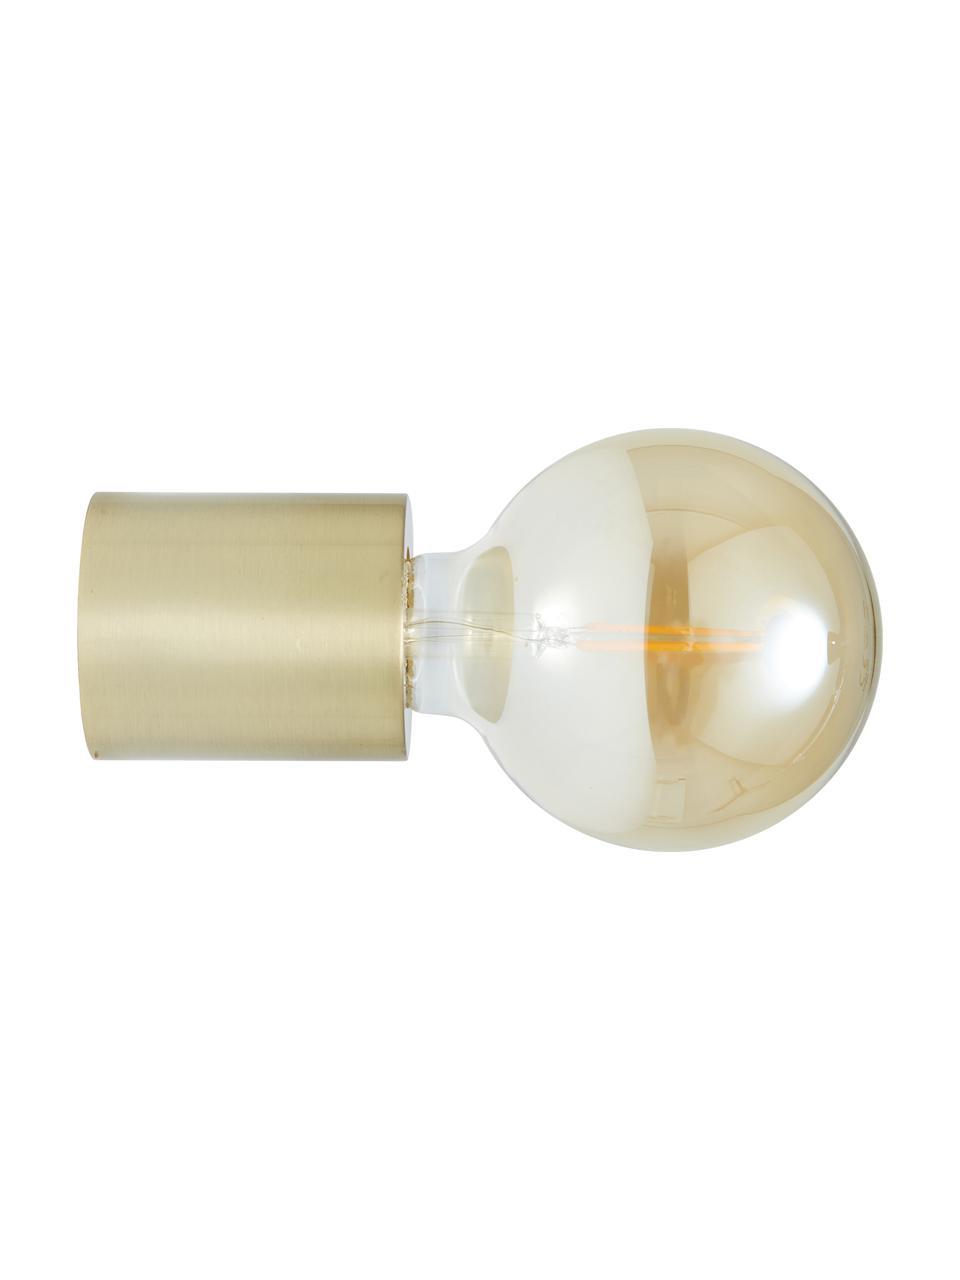 Lampada da parete e soffito dorata Chanty, Lampada: metallo ottonato, Ottone spazzolato, Ø 6 cm